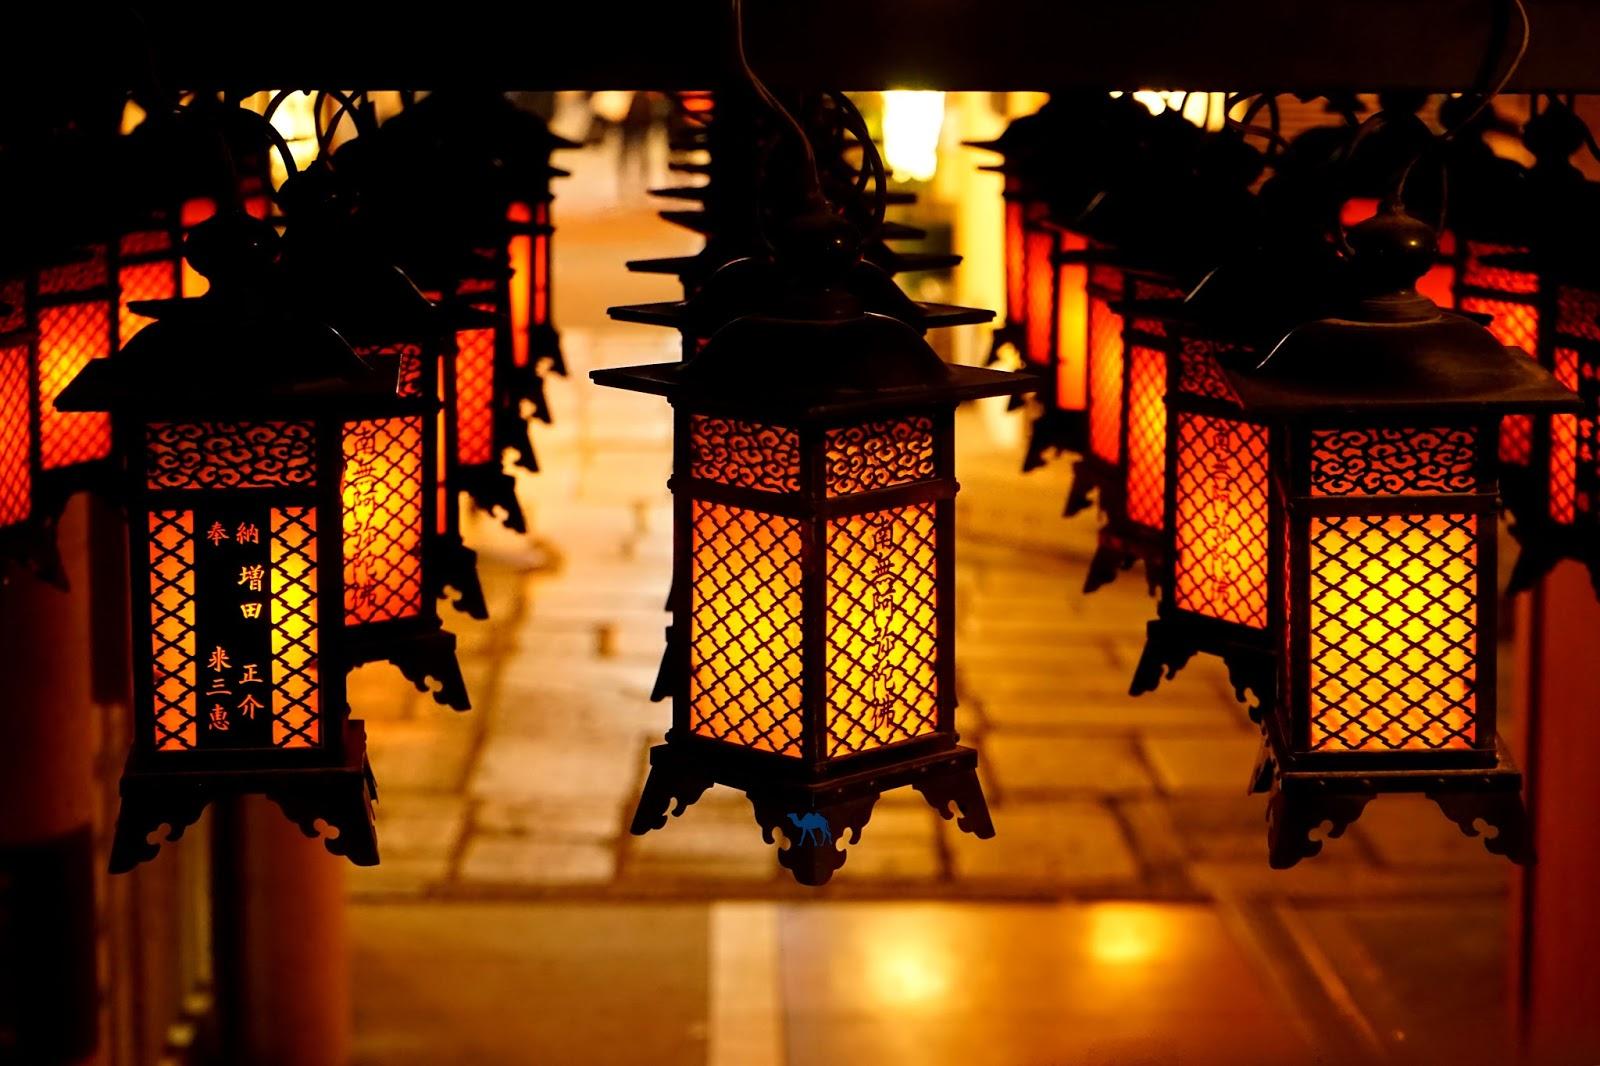 Le Chameau Bleu - Lampions du temple Hôzen-Ji quartier Dotonbori